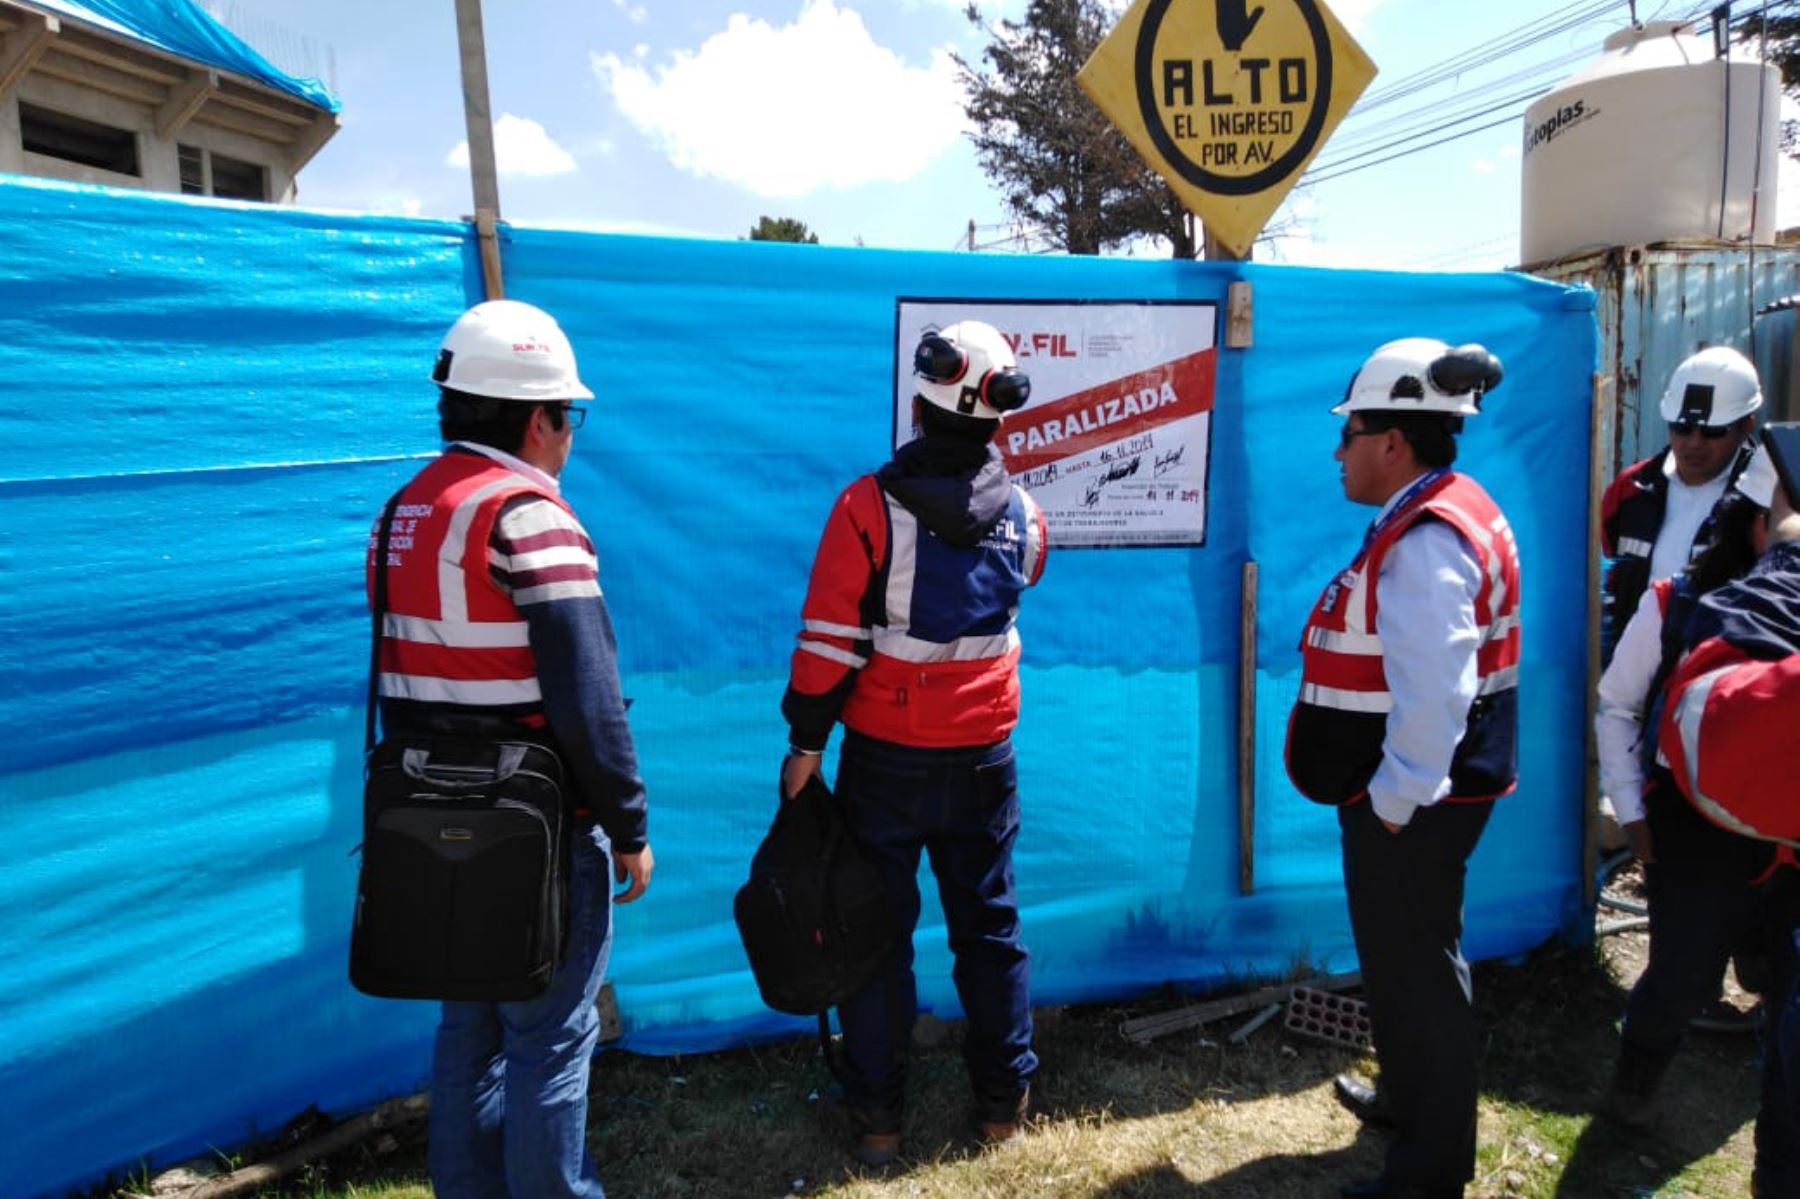 Inspectores de Sunafil paralizaron las obras del coliseo cubierto de Puno por representar un riesgo para los trabajadores.